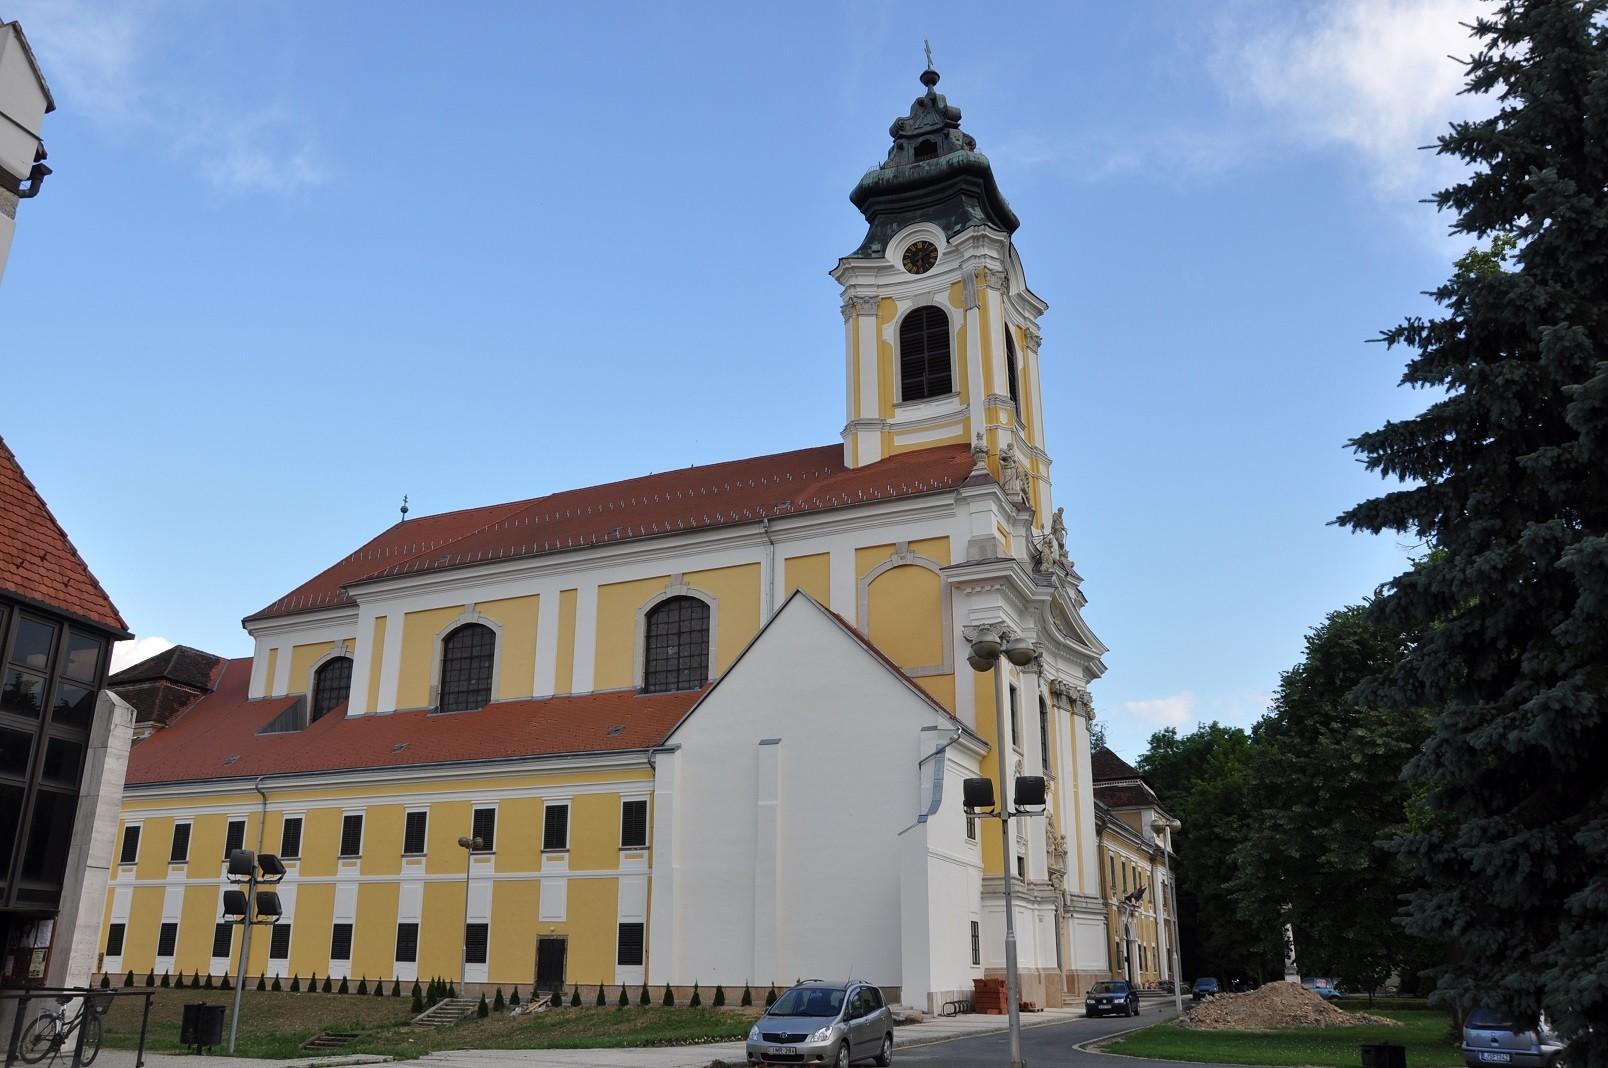 Megújul a szentgotthárdi Nagyboldogasszony-templom belseje